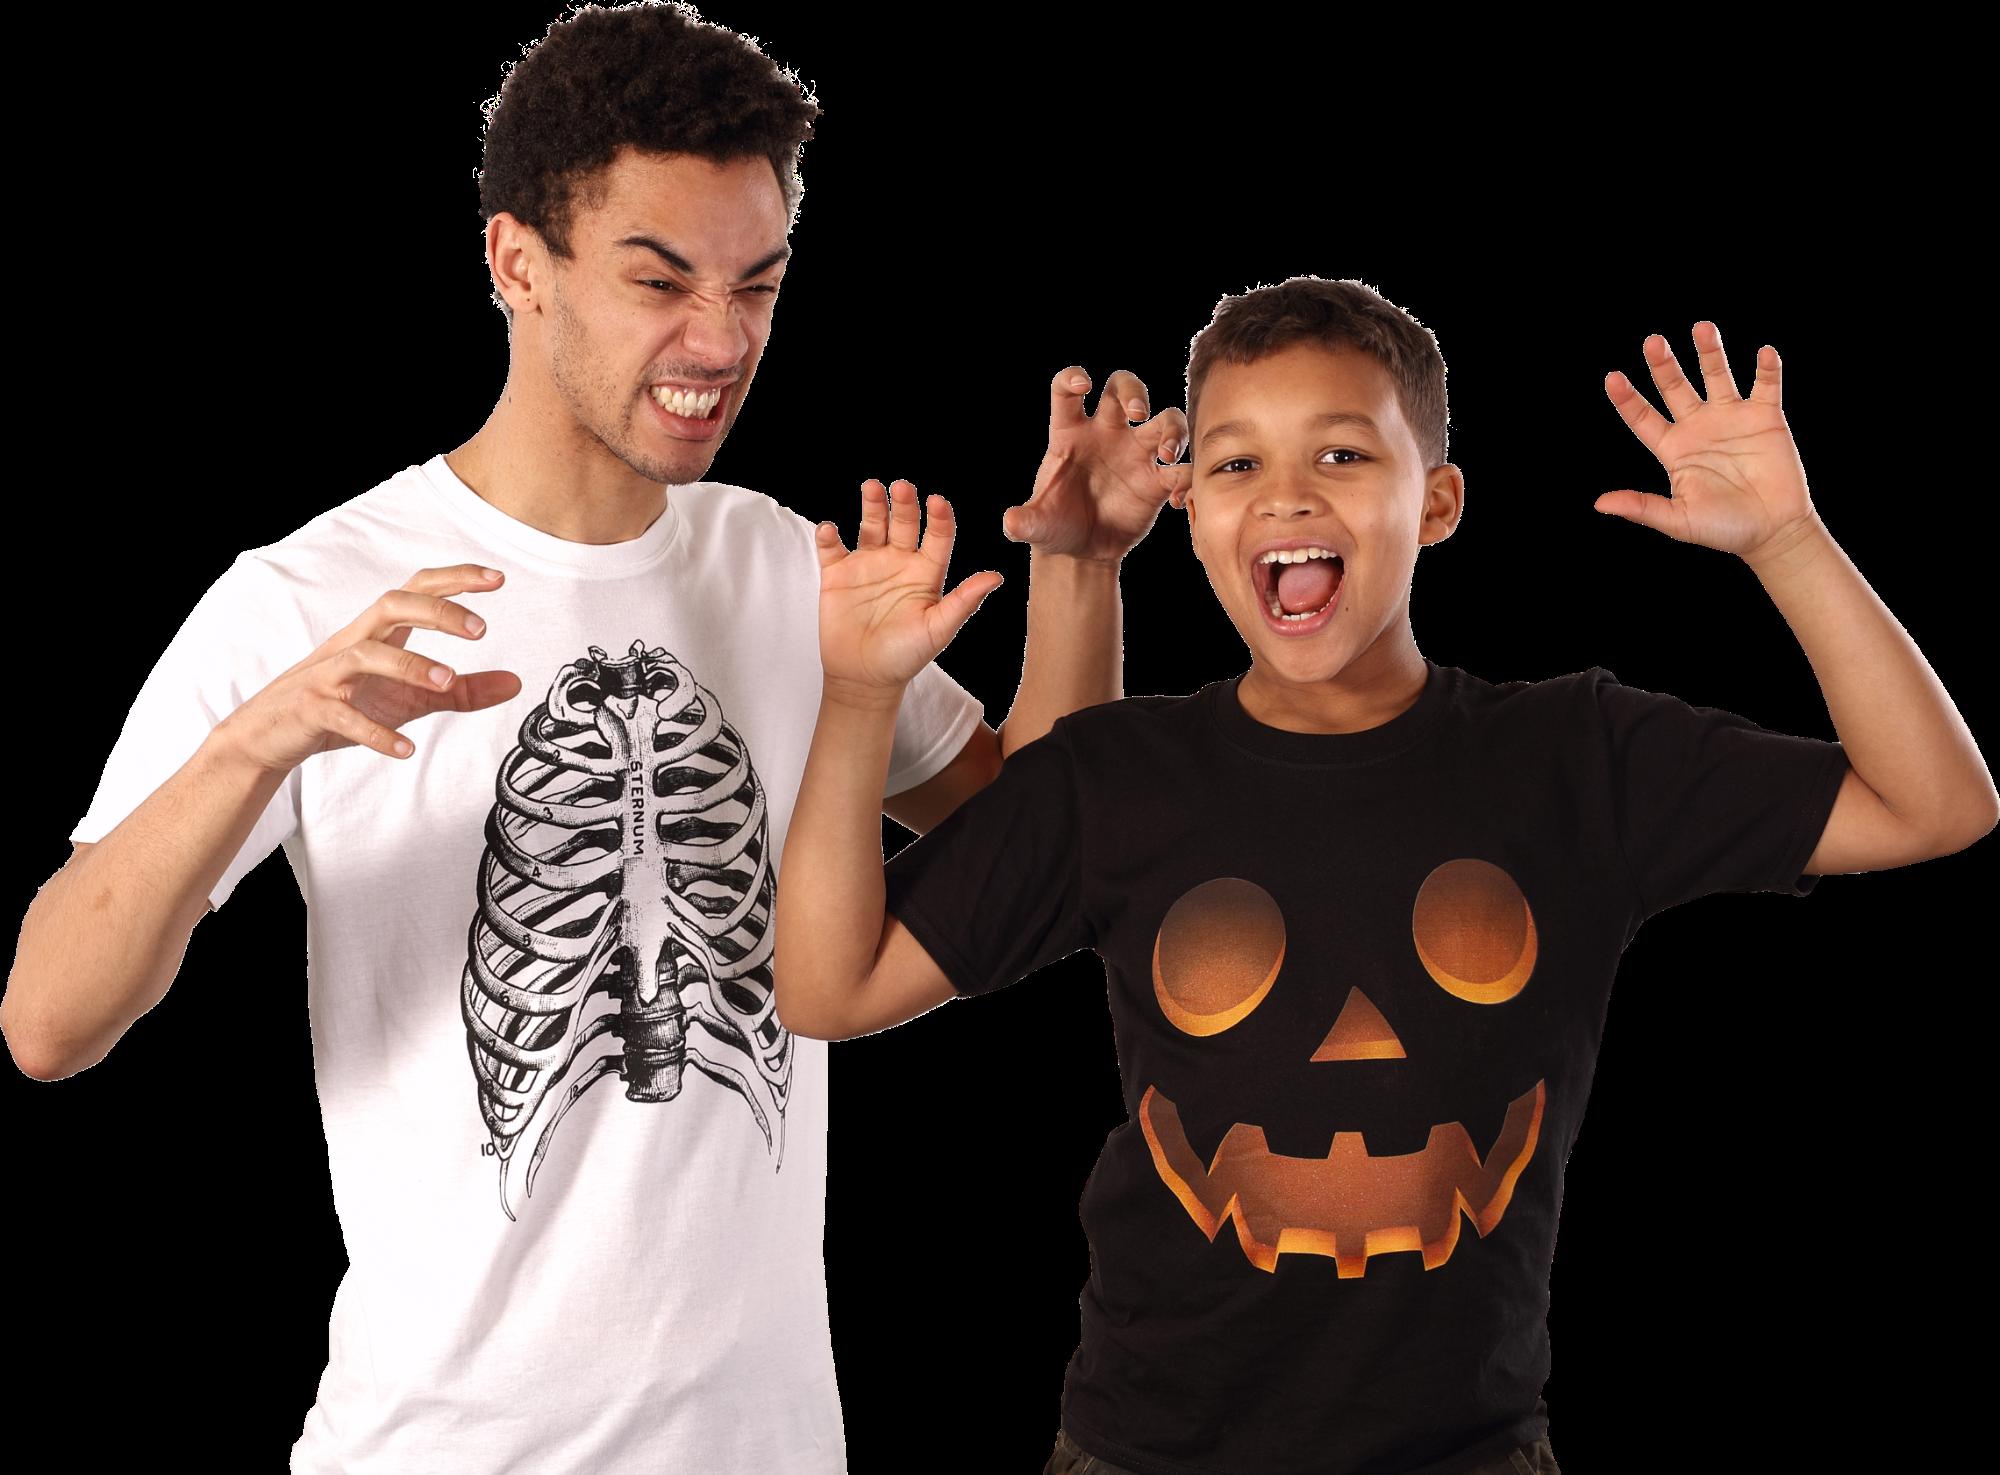 Regalos de Halloween personalizados